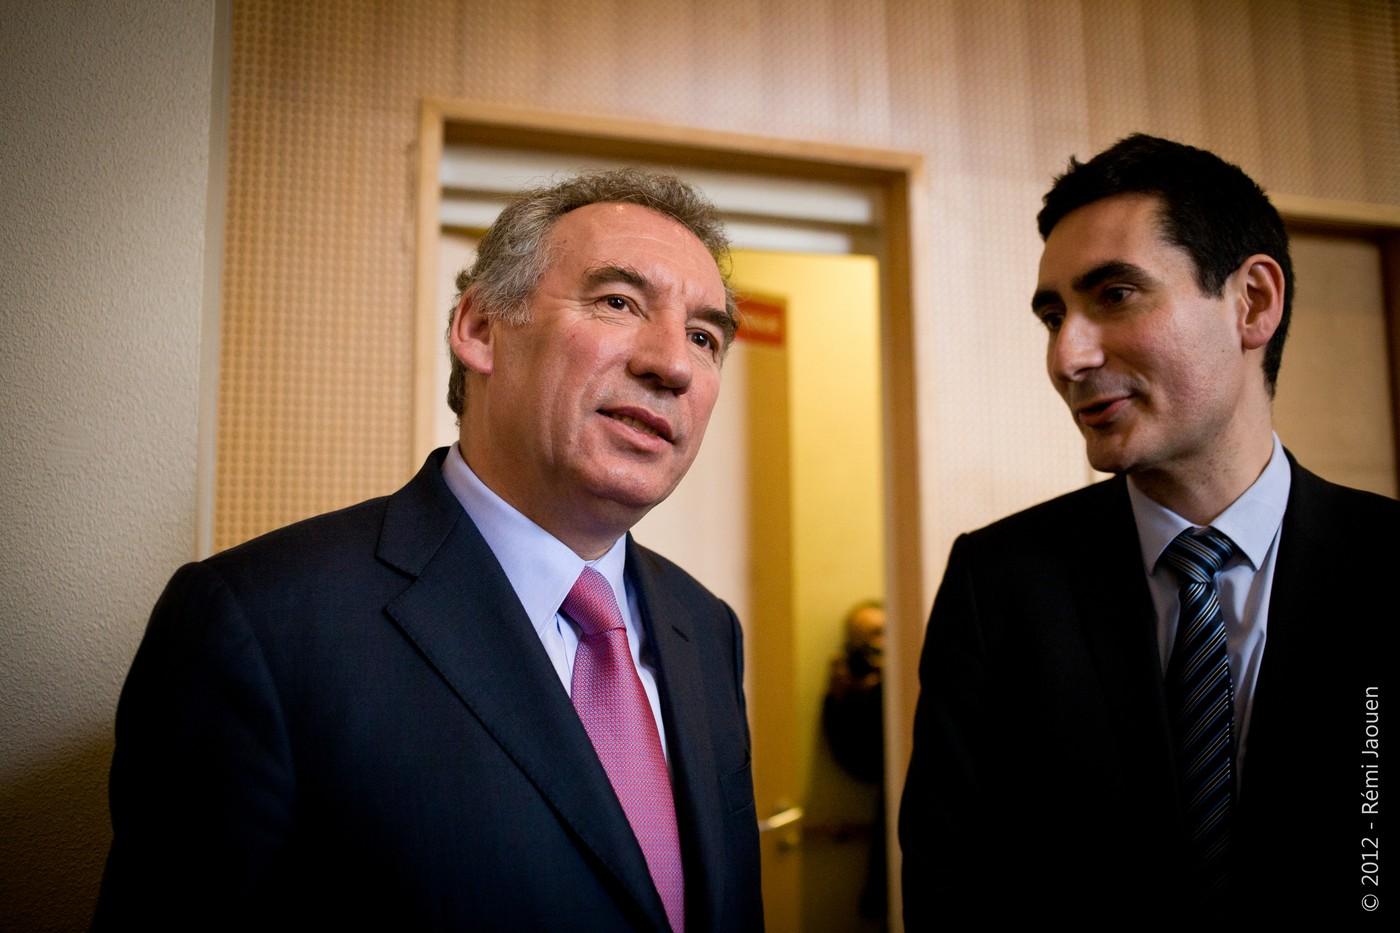 François Bayrou États Généraux de l'Europe Rémi Jaouen Reportage photo Politique Corporate